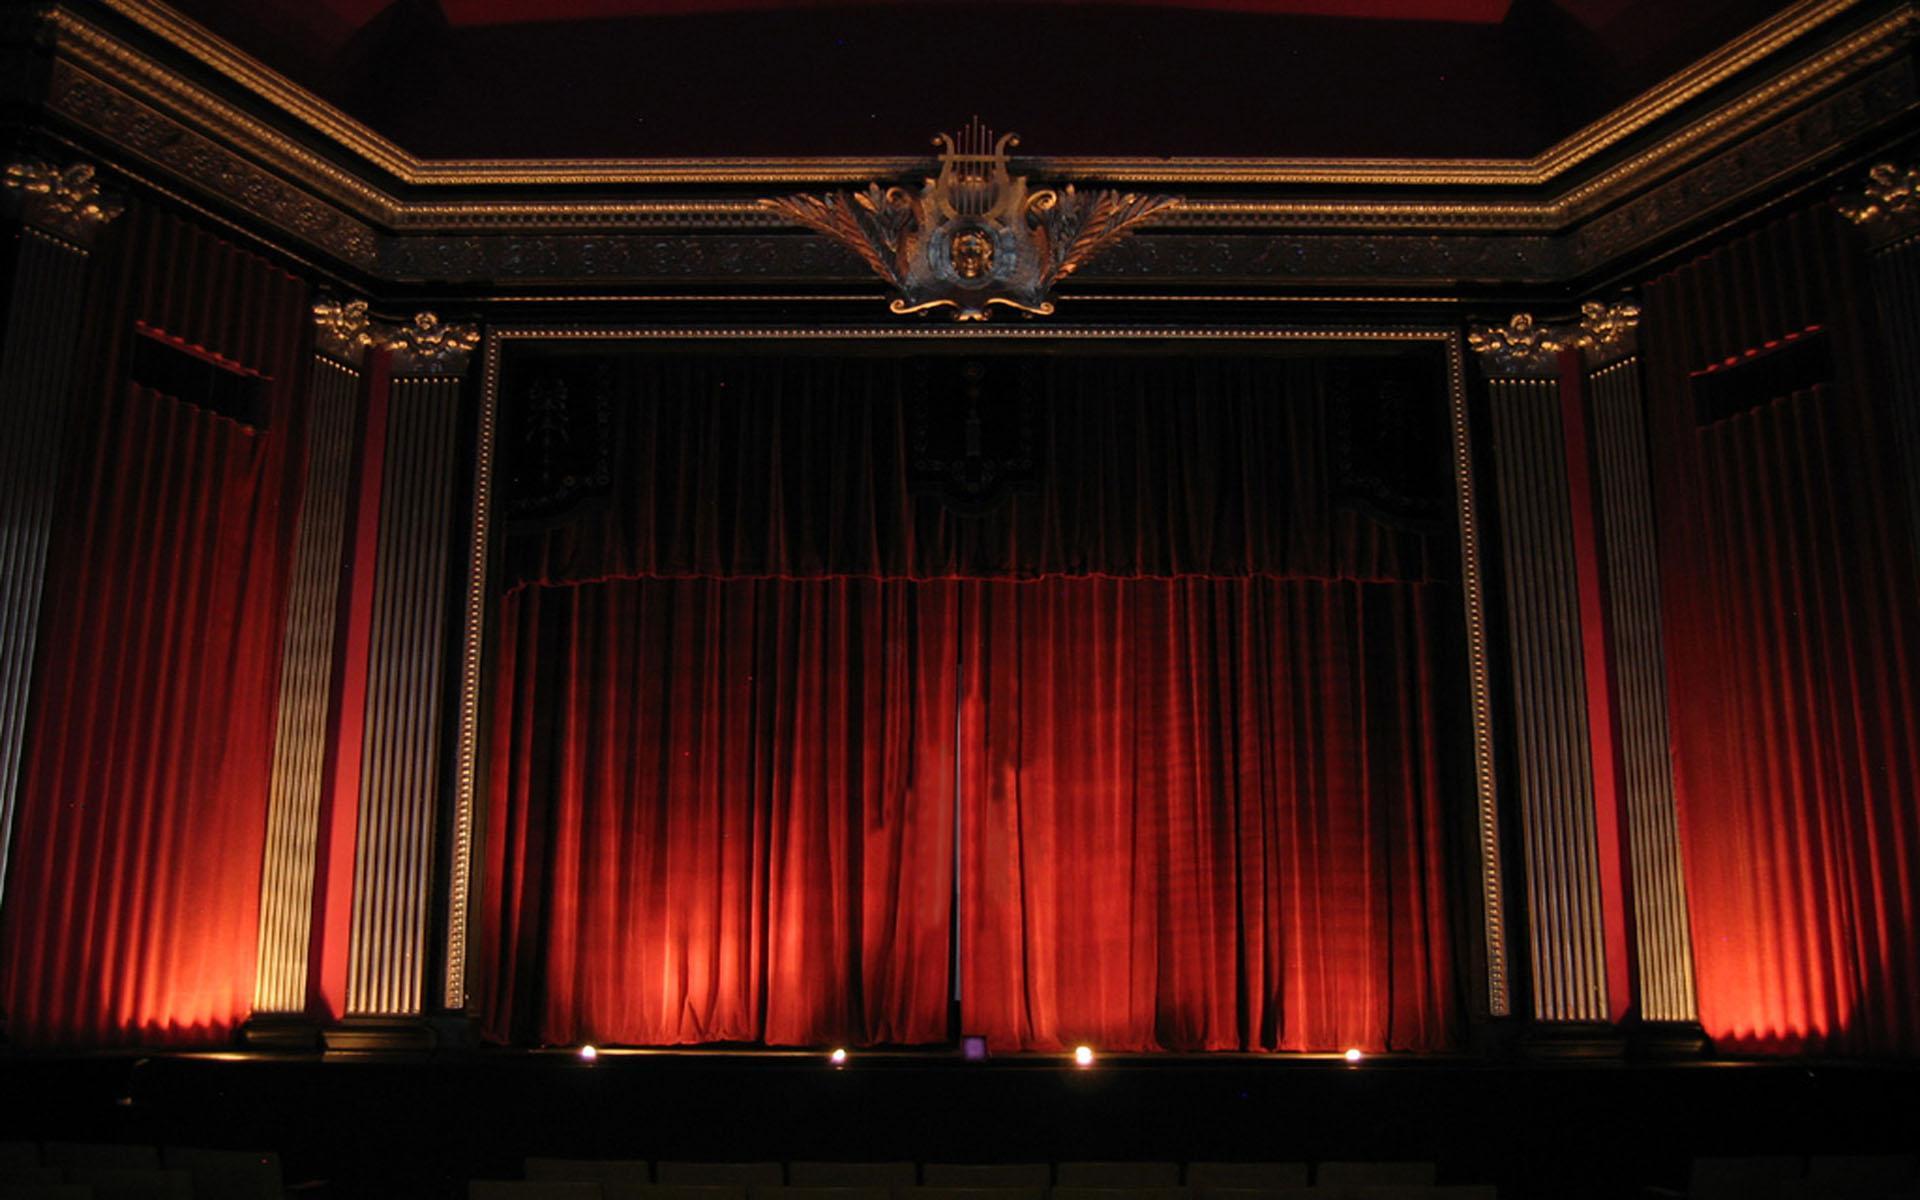 Закарпатський обласний театр драми та комедії переїжджає із Мукачева до Хуста